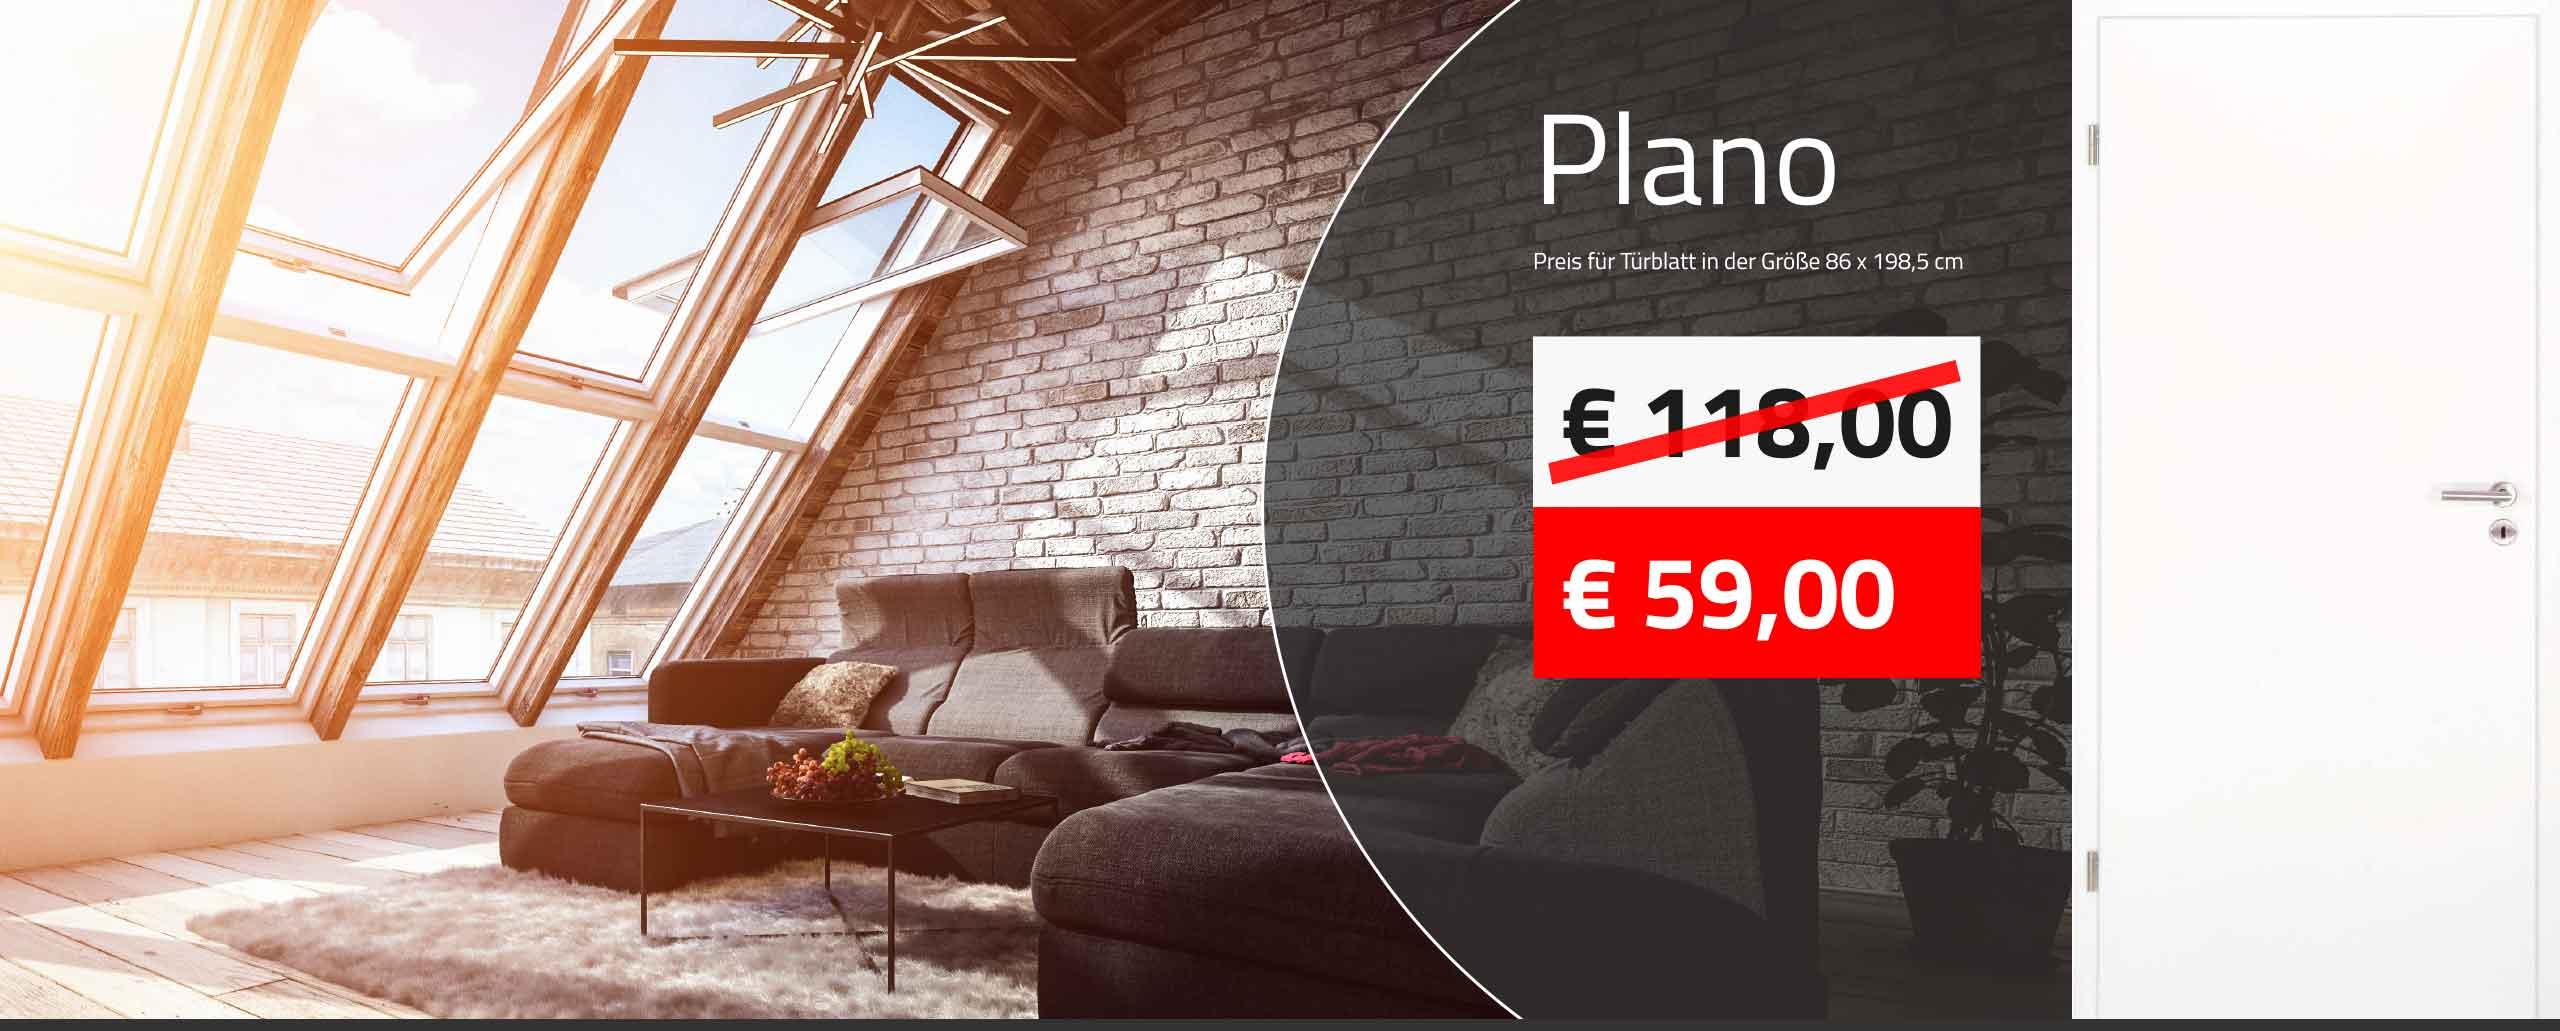 maxxdoor-Aktionspreis für glatte Weisslacktüre - nur 59 Euro